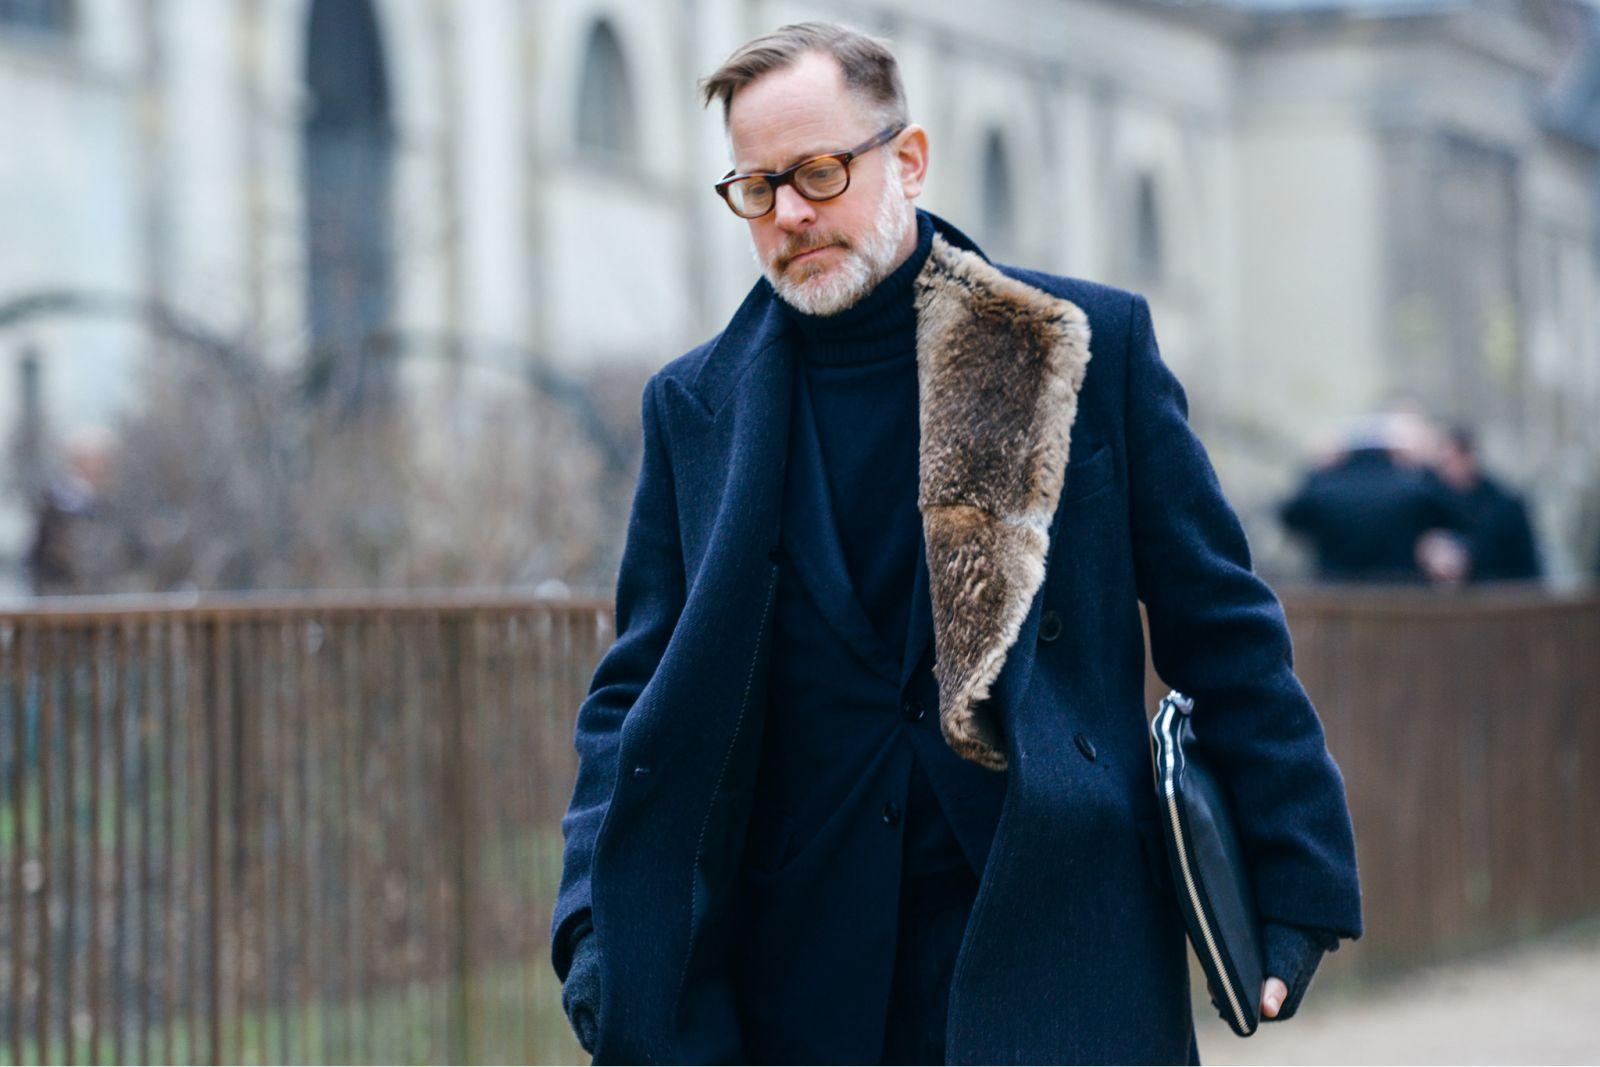 Искусственный мех и бижутерия. ТОП-7 модных трендов мужской моды - 2020